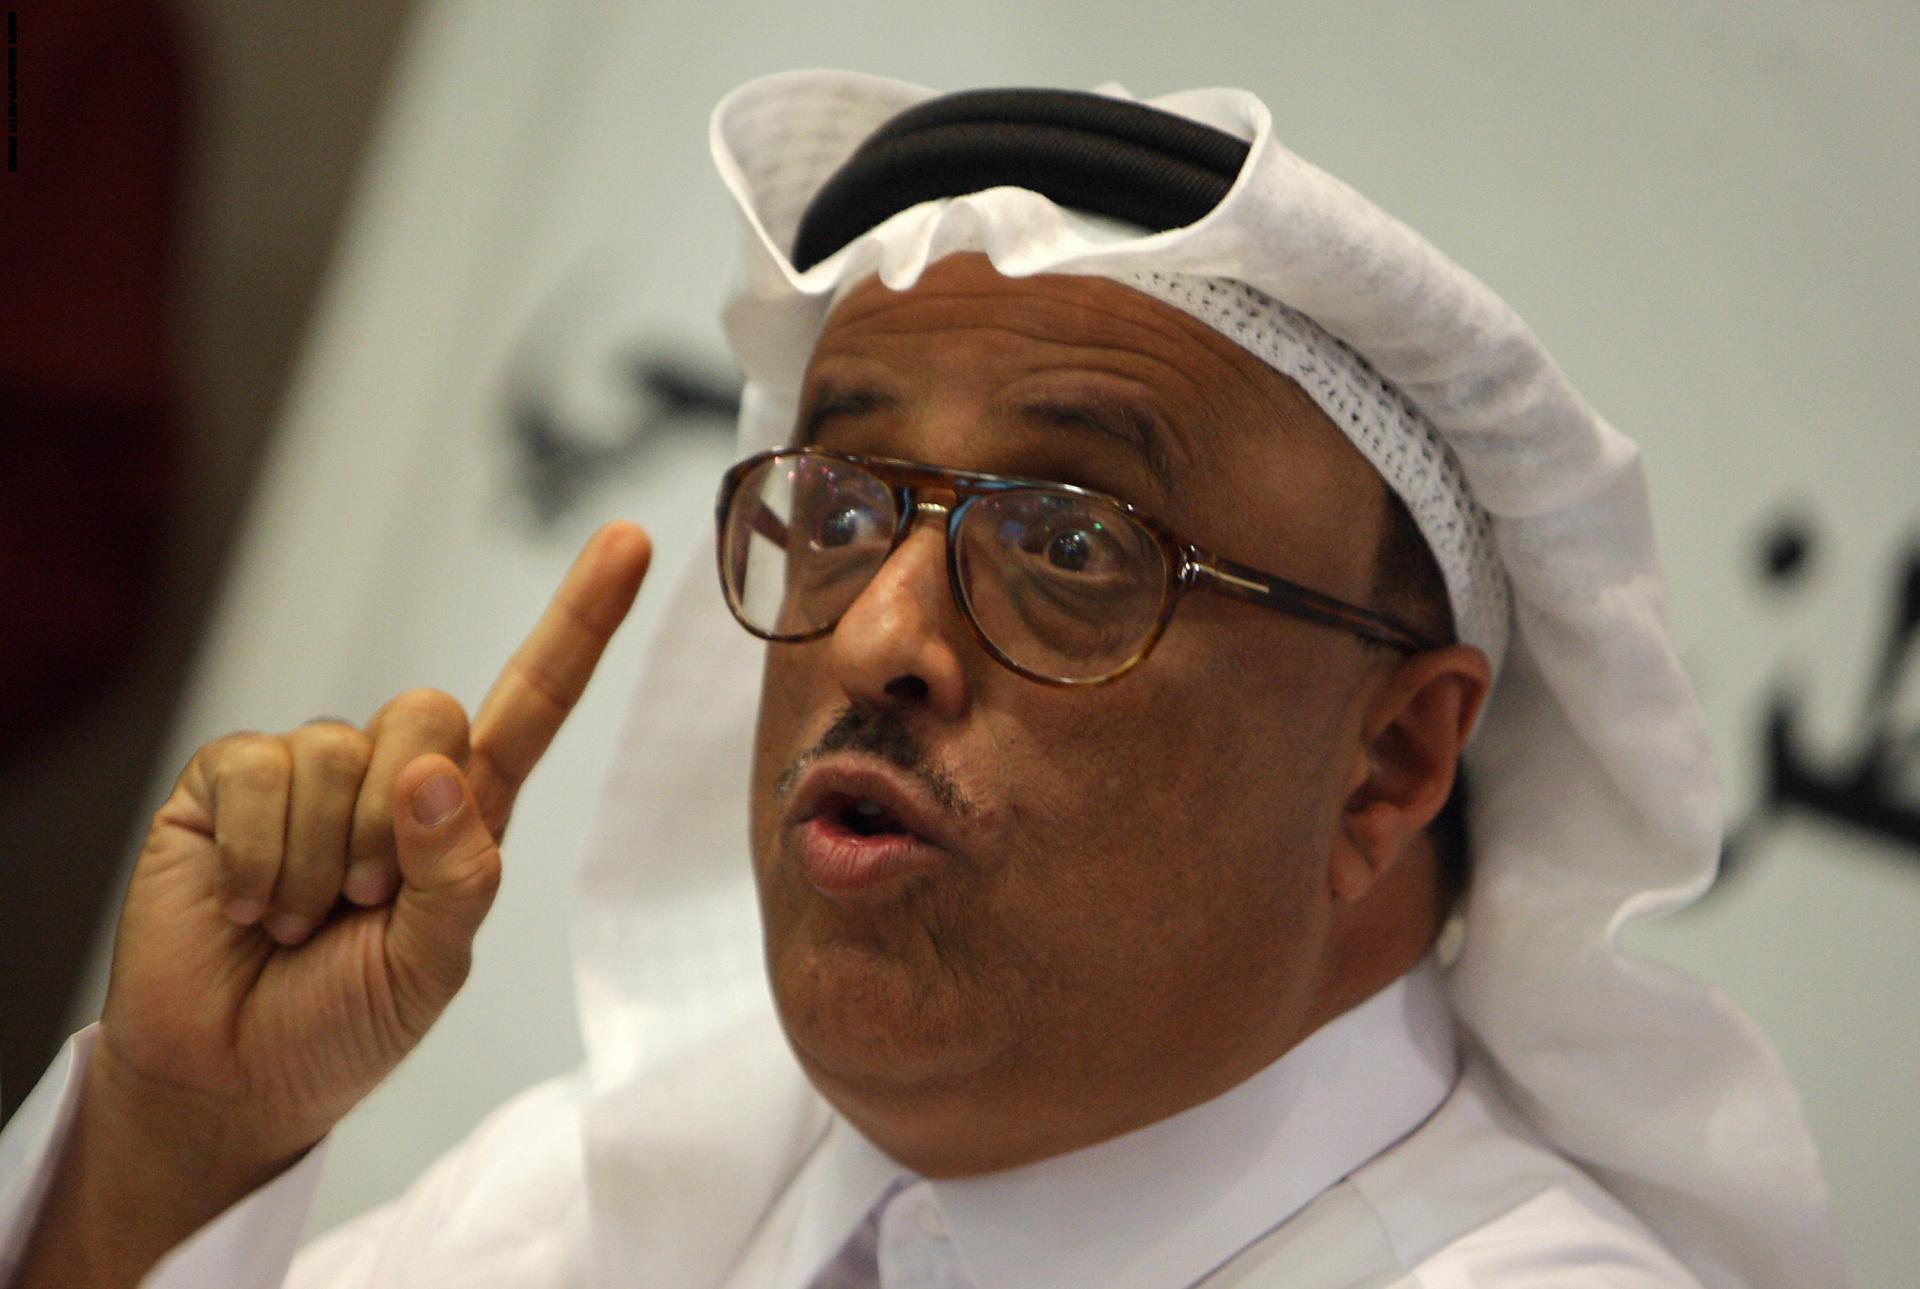 ضاحي خلفان يستغل حادث تفجير غامض ويطالب أقوى جيش عربي بضرب قطر